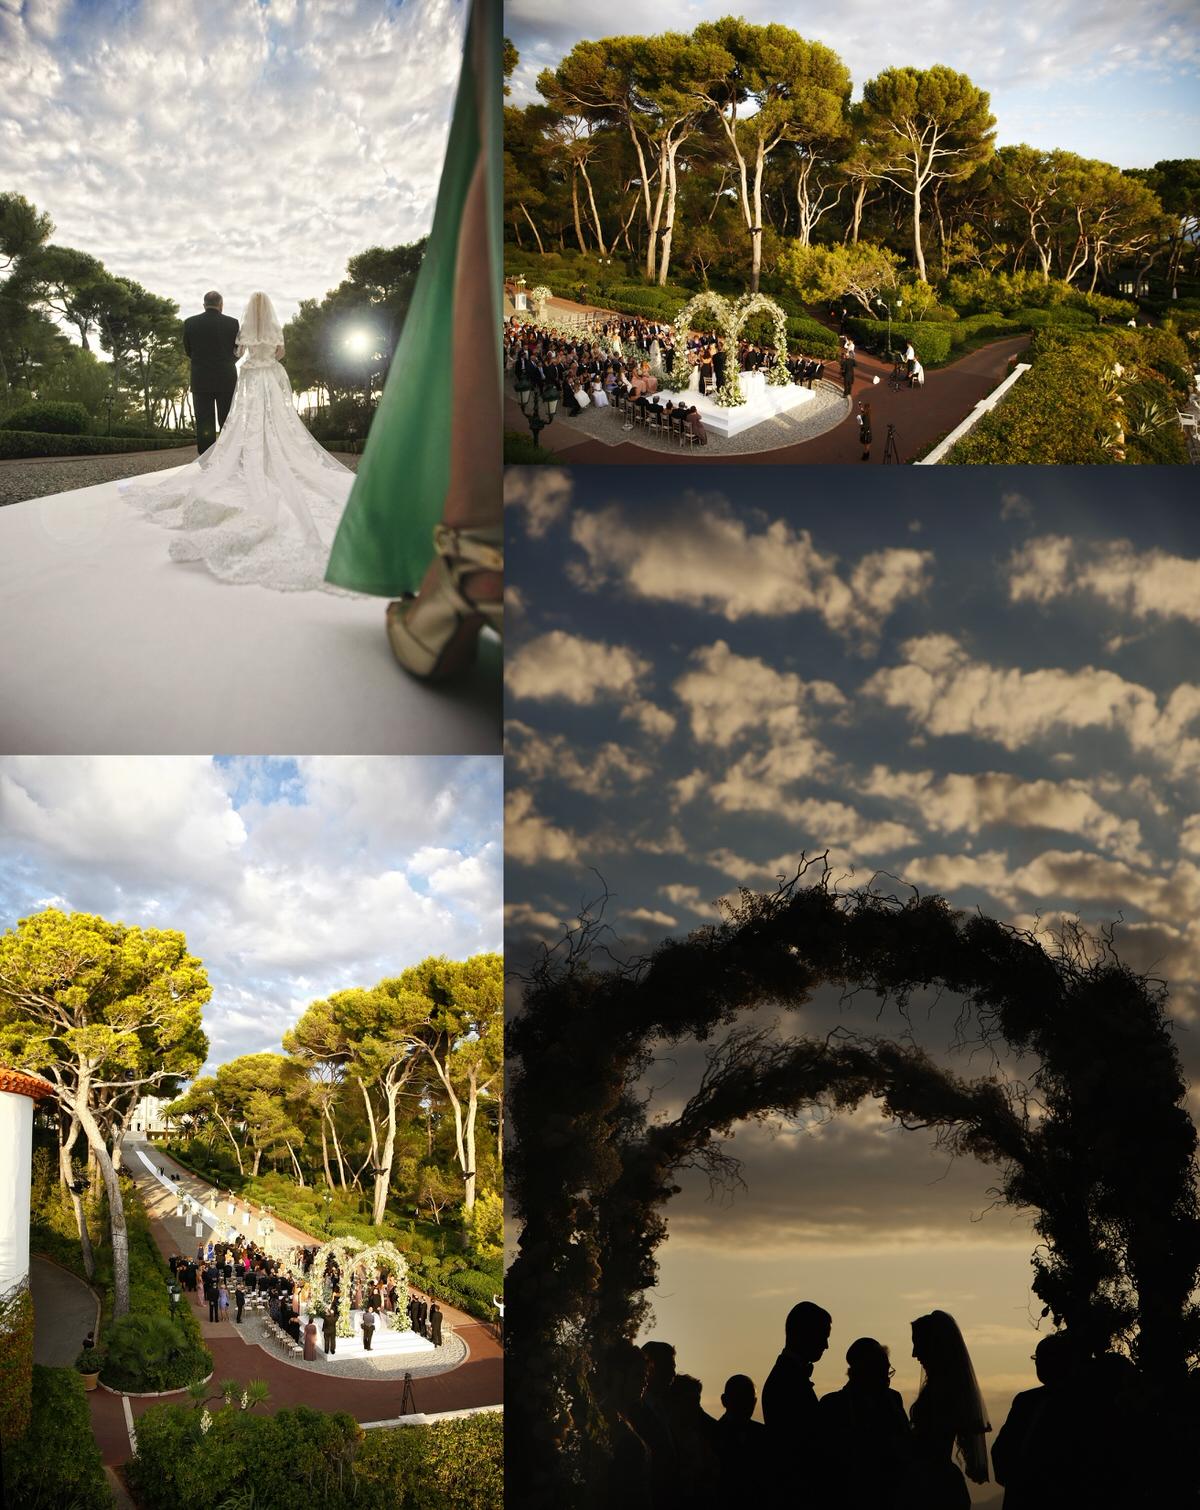 french-wedding-wedding-in-france-destination-wedding-photographer_0015.jpg